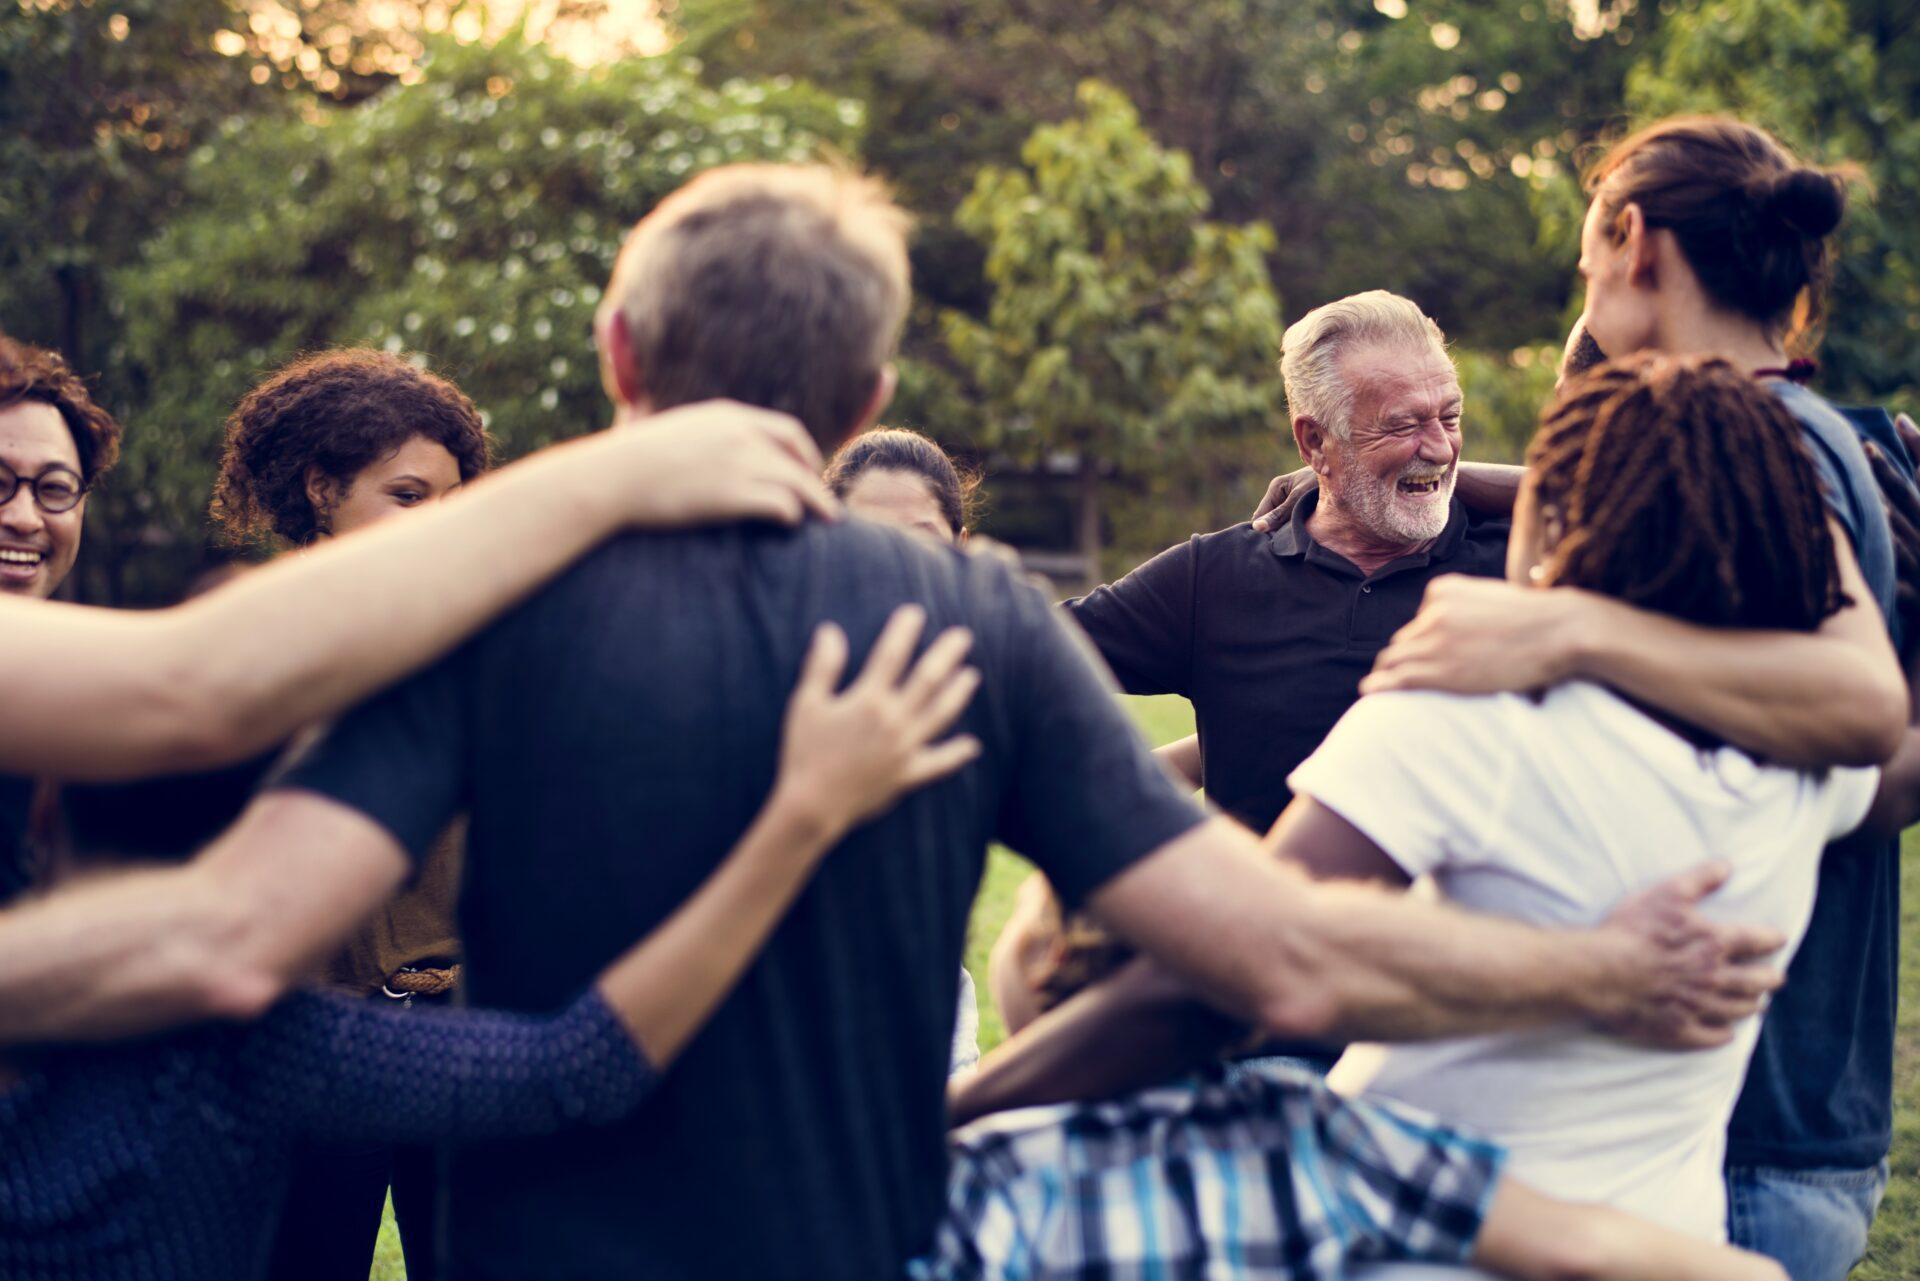 Järjestöt tukemassa toisiaan. Joukko ihmisiä seisoo ringissä ja lepuuttaa kättään toistensa olkapäillä.